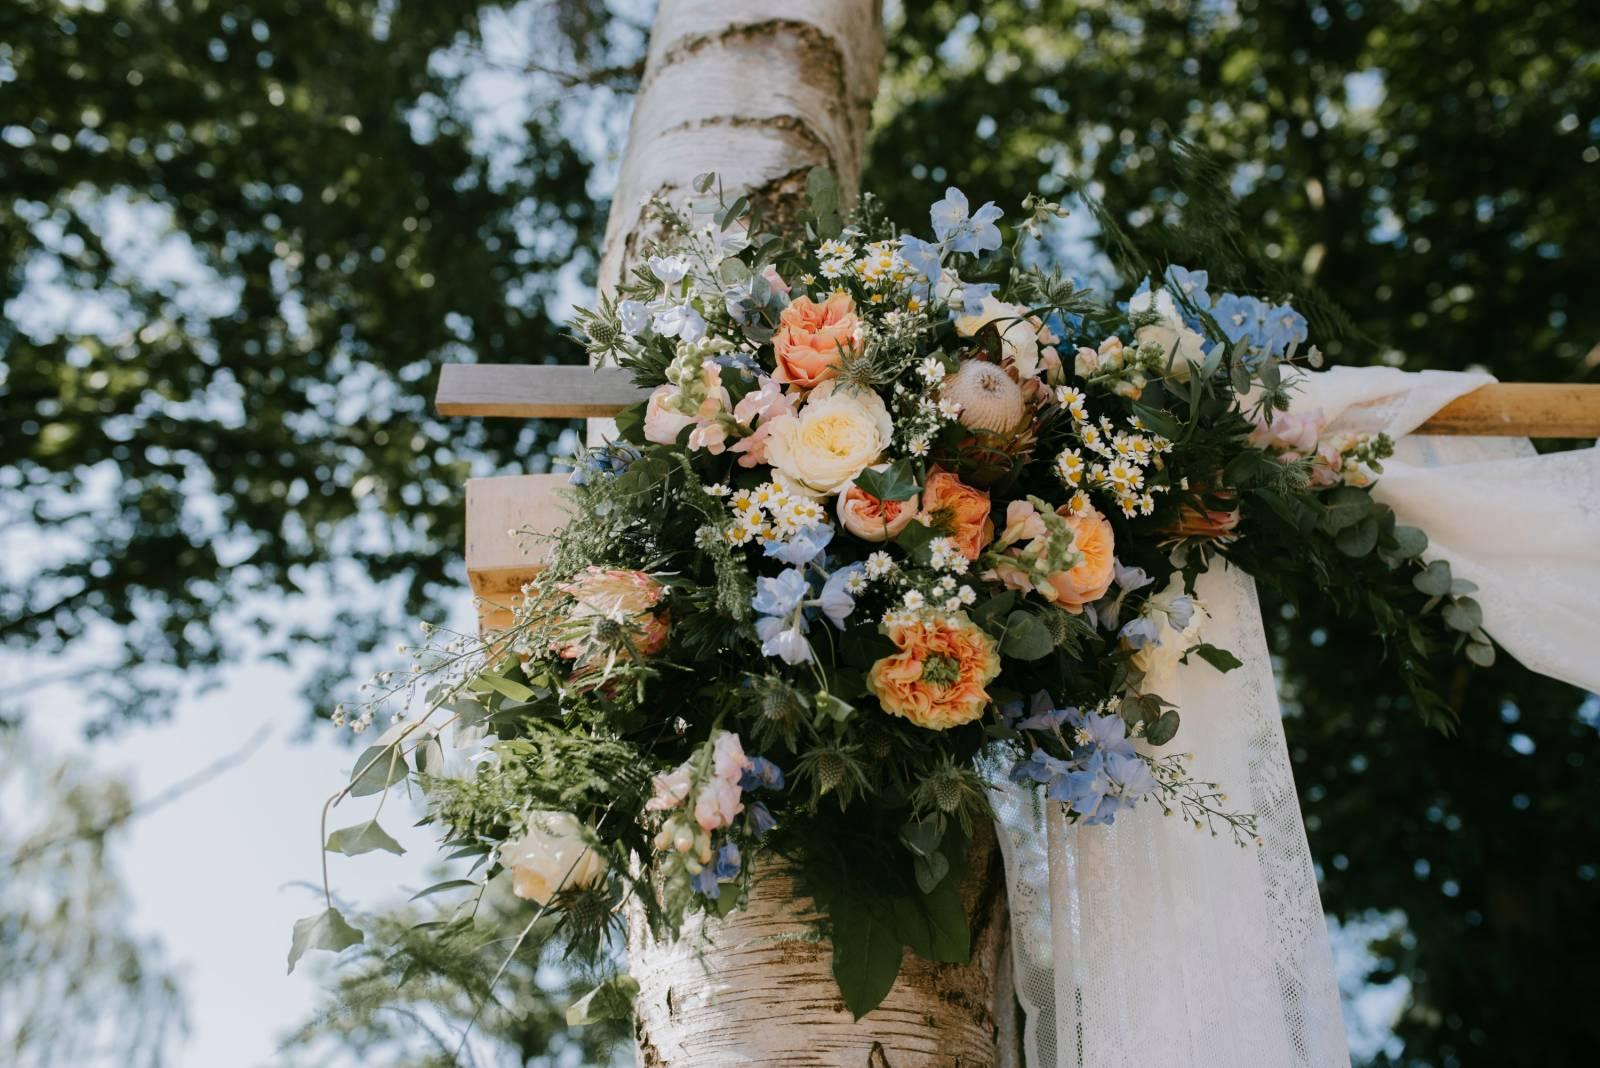 Florenza by Sylvie Van Gastel - Bloemen - Bruidsboeket - House of Weddings - 7